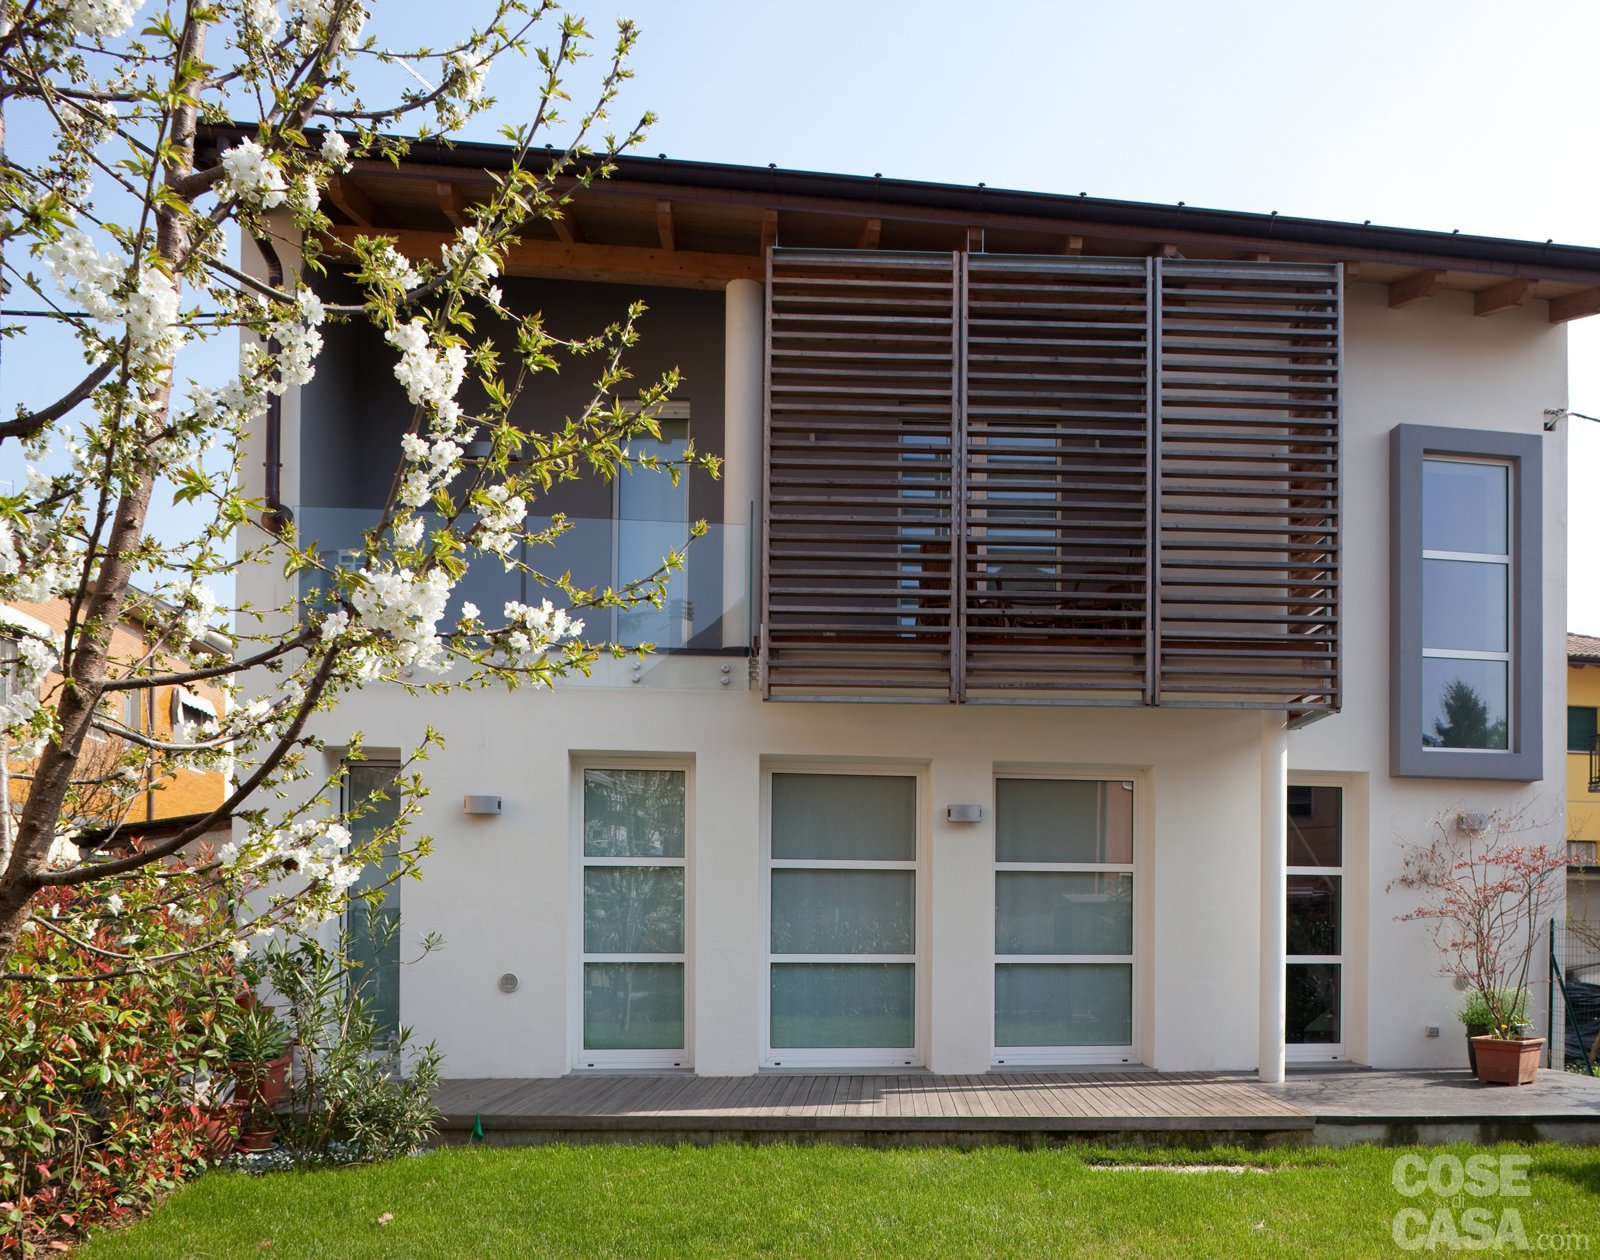 Una casa ristrutturata per il risparmio energetico cose di casa - Colori case esterni ...